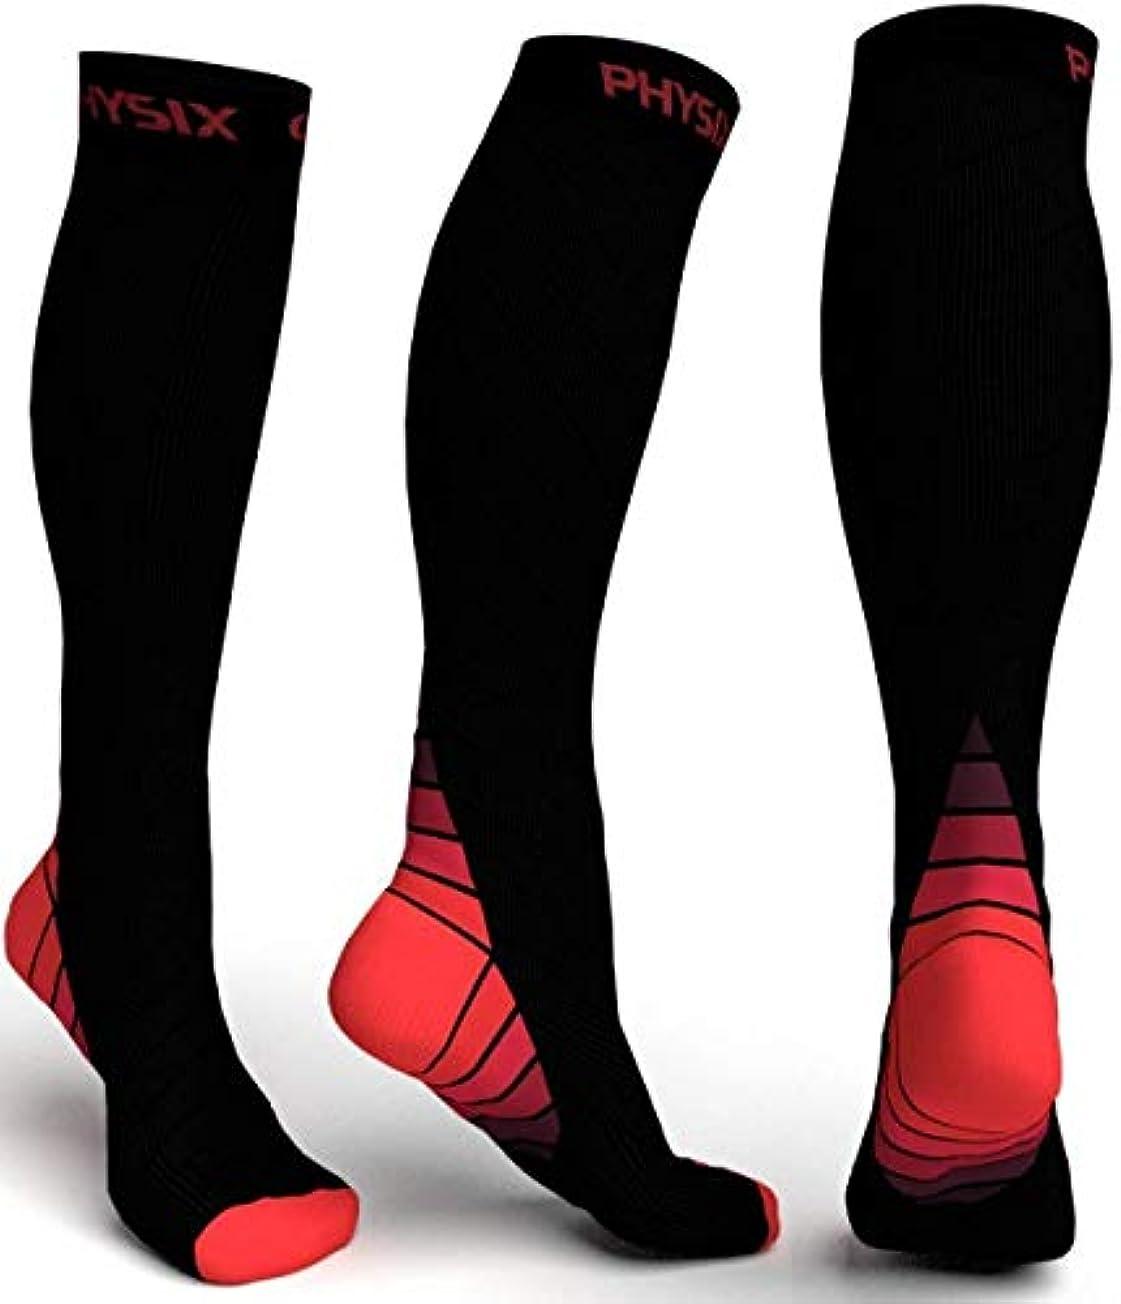 ミケランジェロかんがい誕生日Physix Gearコンプレッションソックス男性用/女性用(20?30 mmHg)最高の段階的なフィット ランニング、看護、過労性脛部痛、フライトトラベル&マタニティ妊娠 – スタミナ、循環&回復 (BLACK & RED...